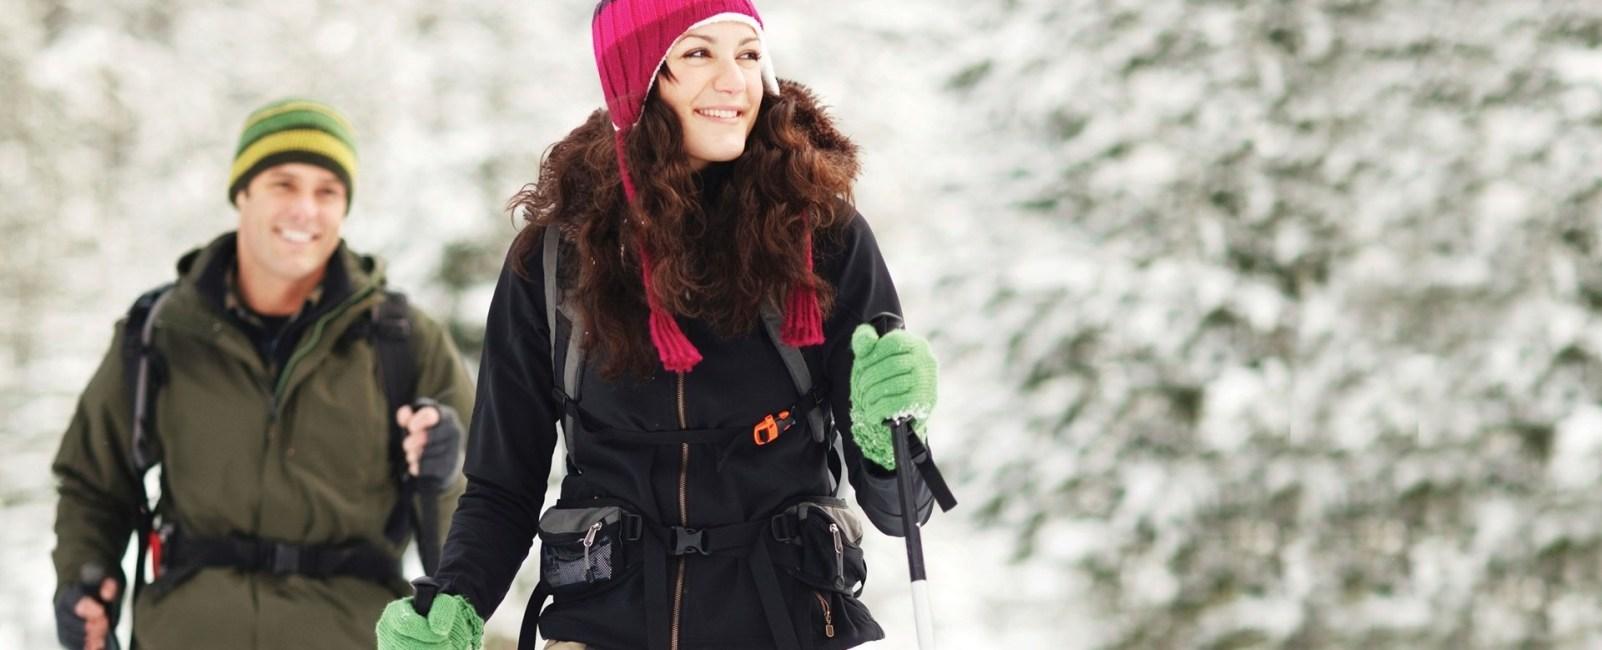 Snowbird Snowshoeing